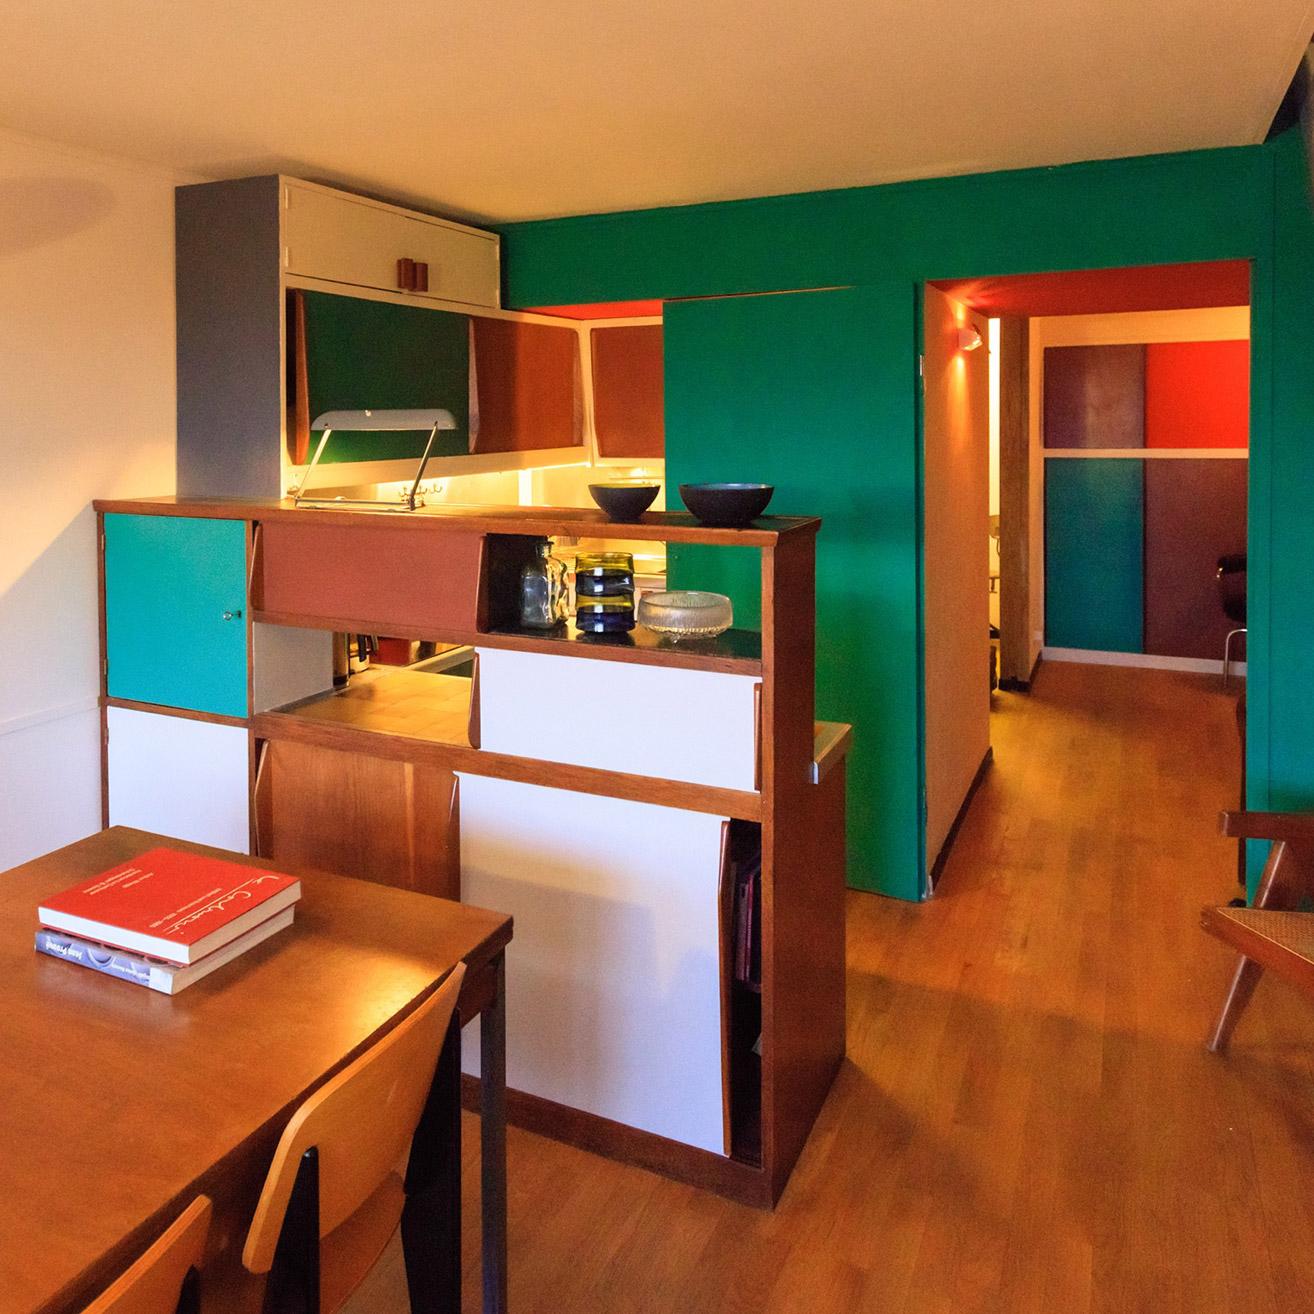 Le Corbusier Unite D Habitation le corbusier's interior realised by philipp mohr at unité d